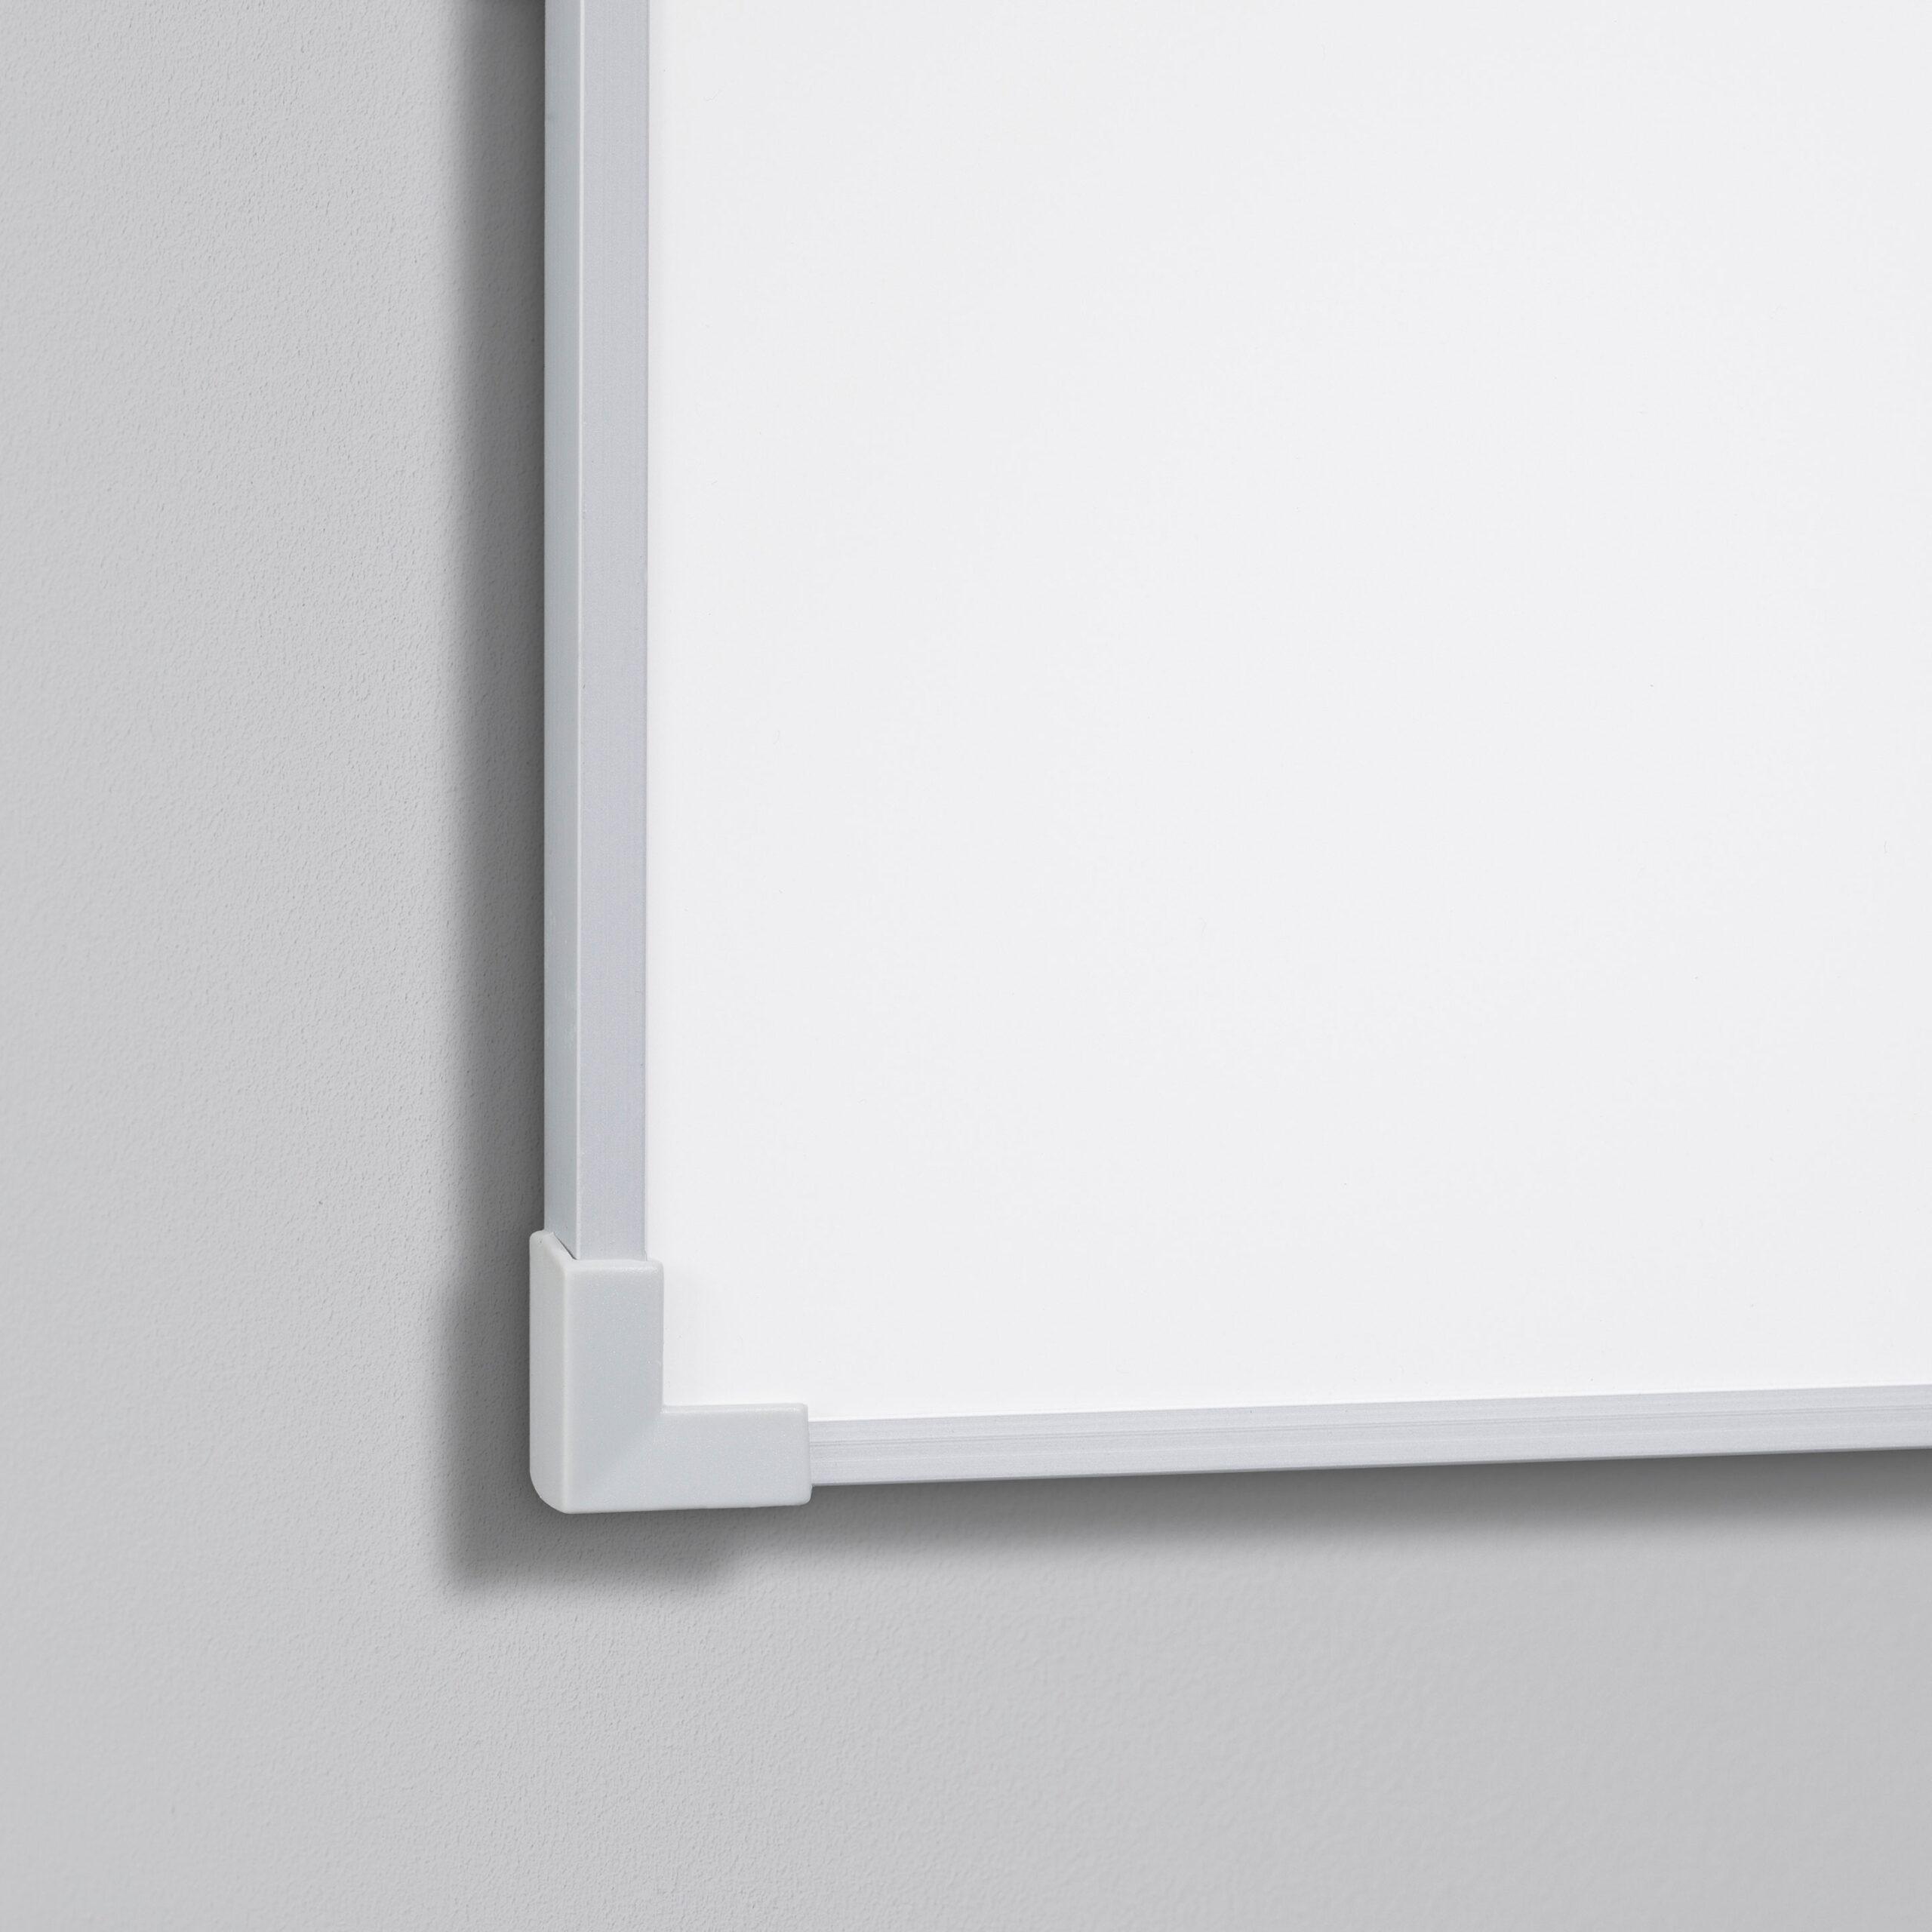 Boarder-whiteboard_02